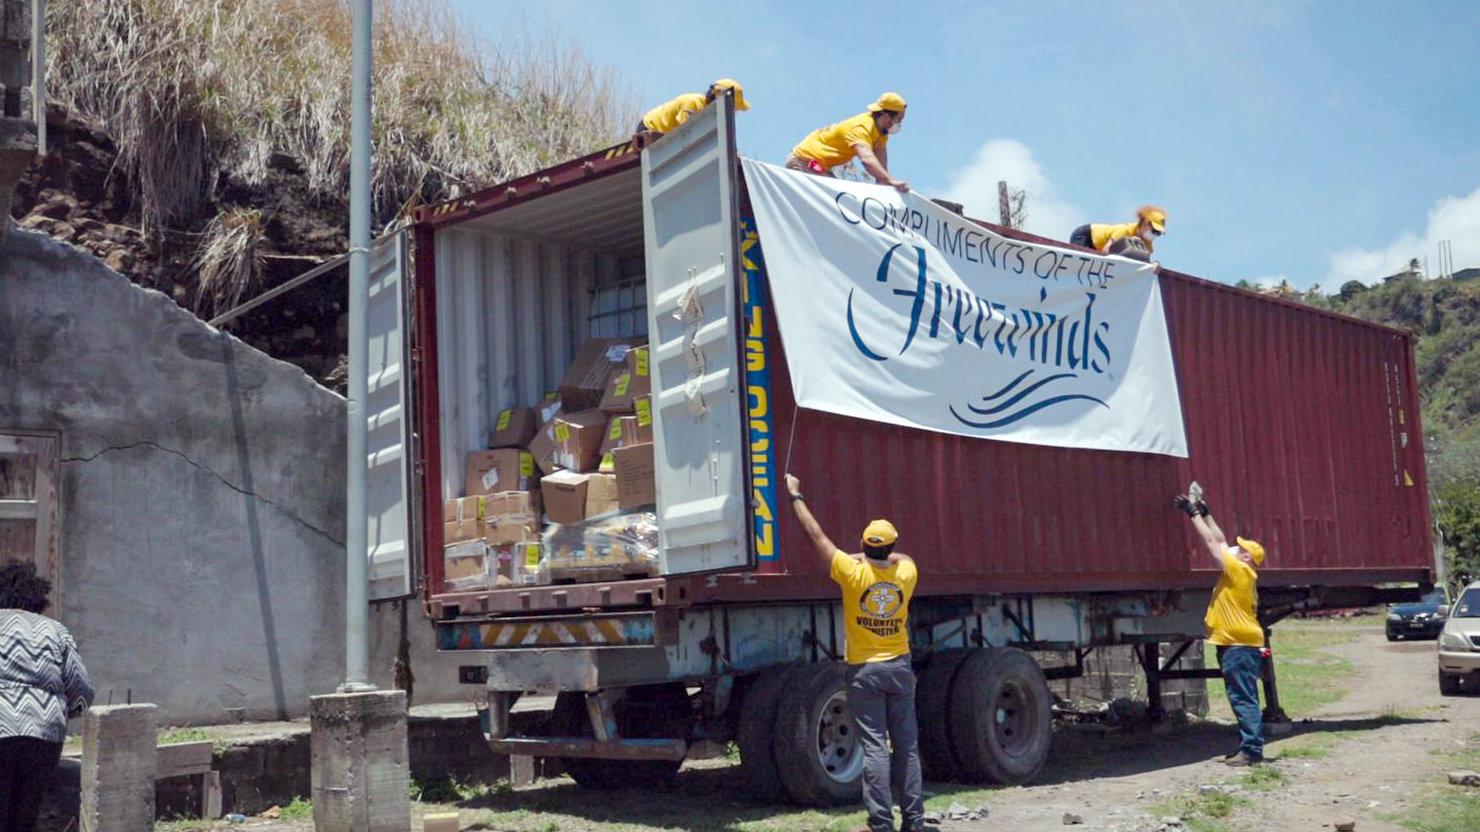 Команда саентологических волонтёров разгружает контейнер с предметами первой необходимости, которые отправил на остров корабль «Фривиндз» при поддержке МАС.